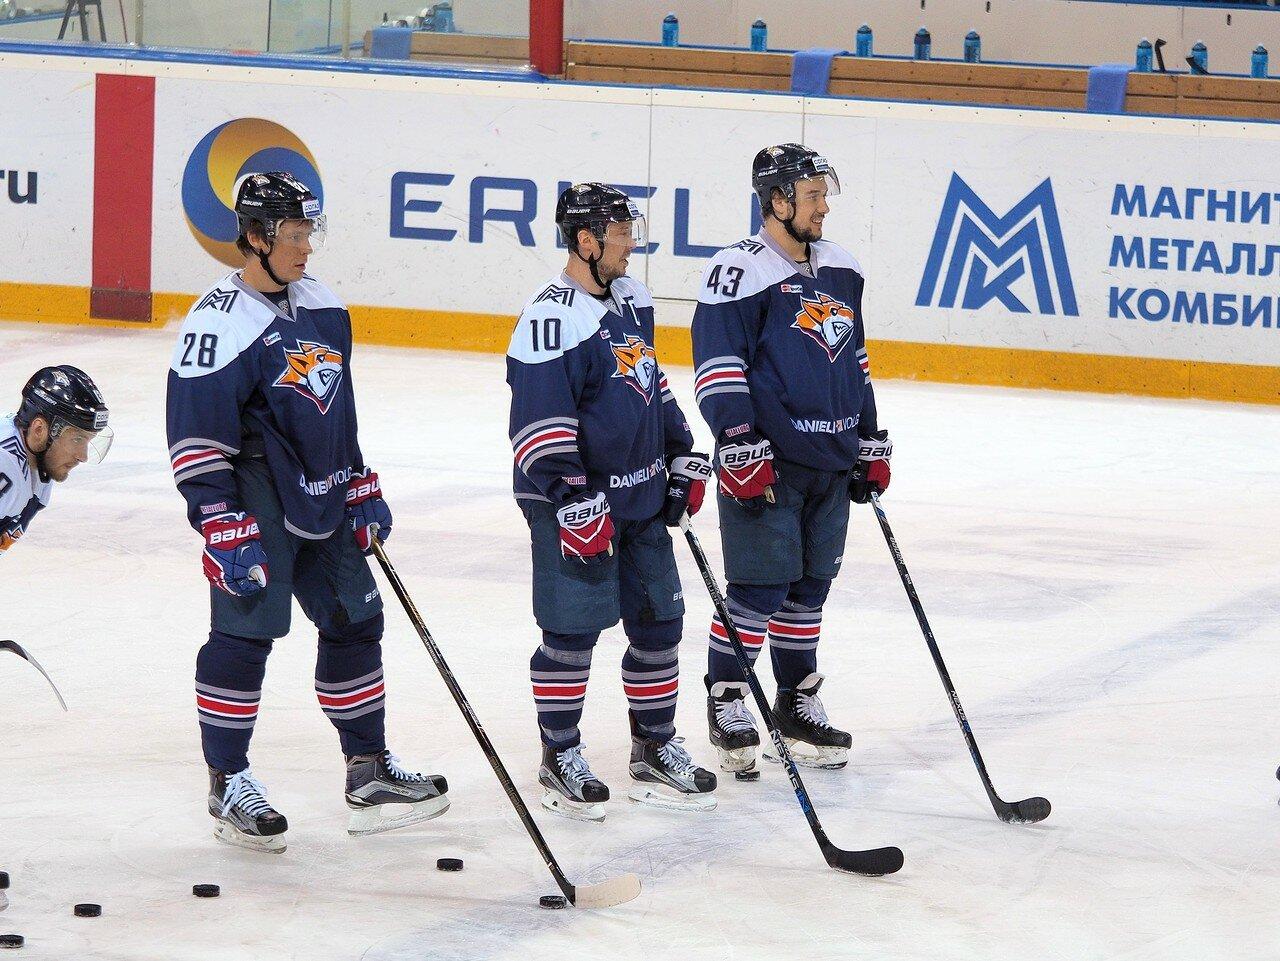 34Металлург - Локомотив 23.11.2016